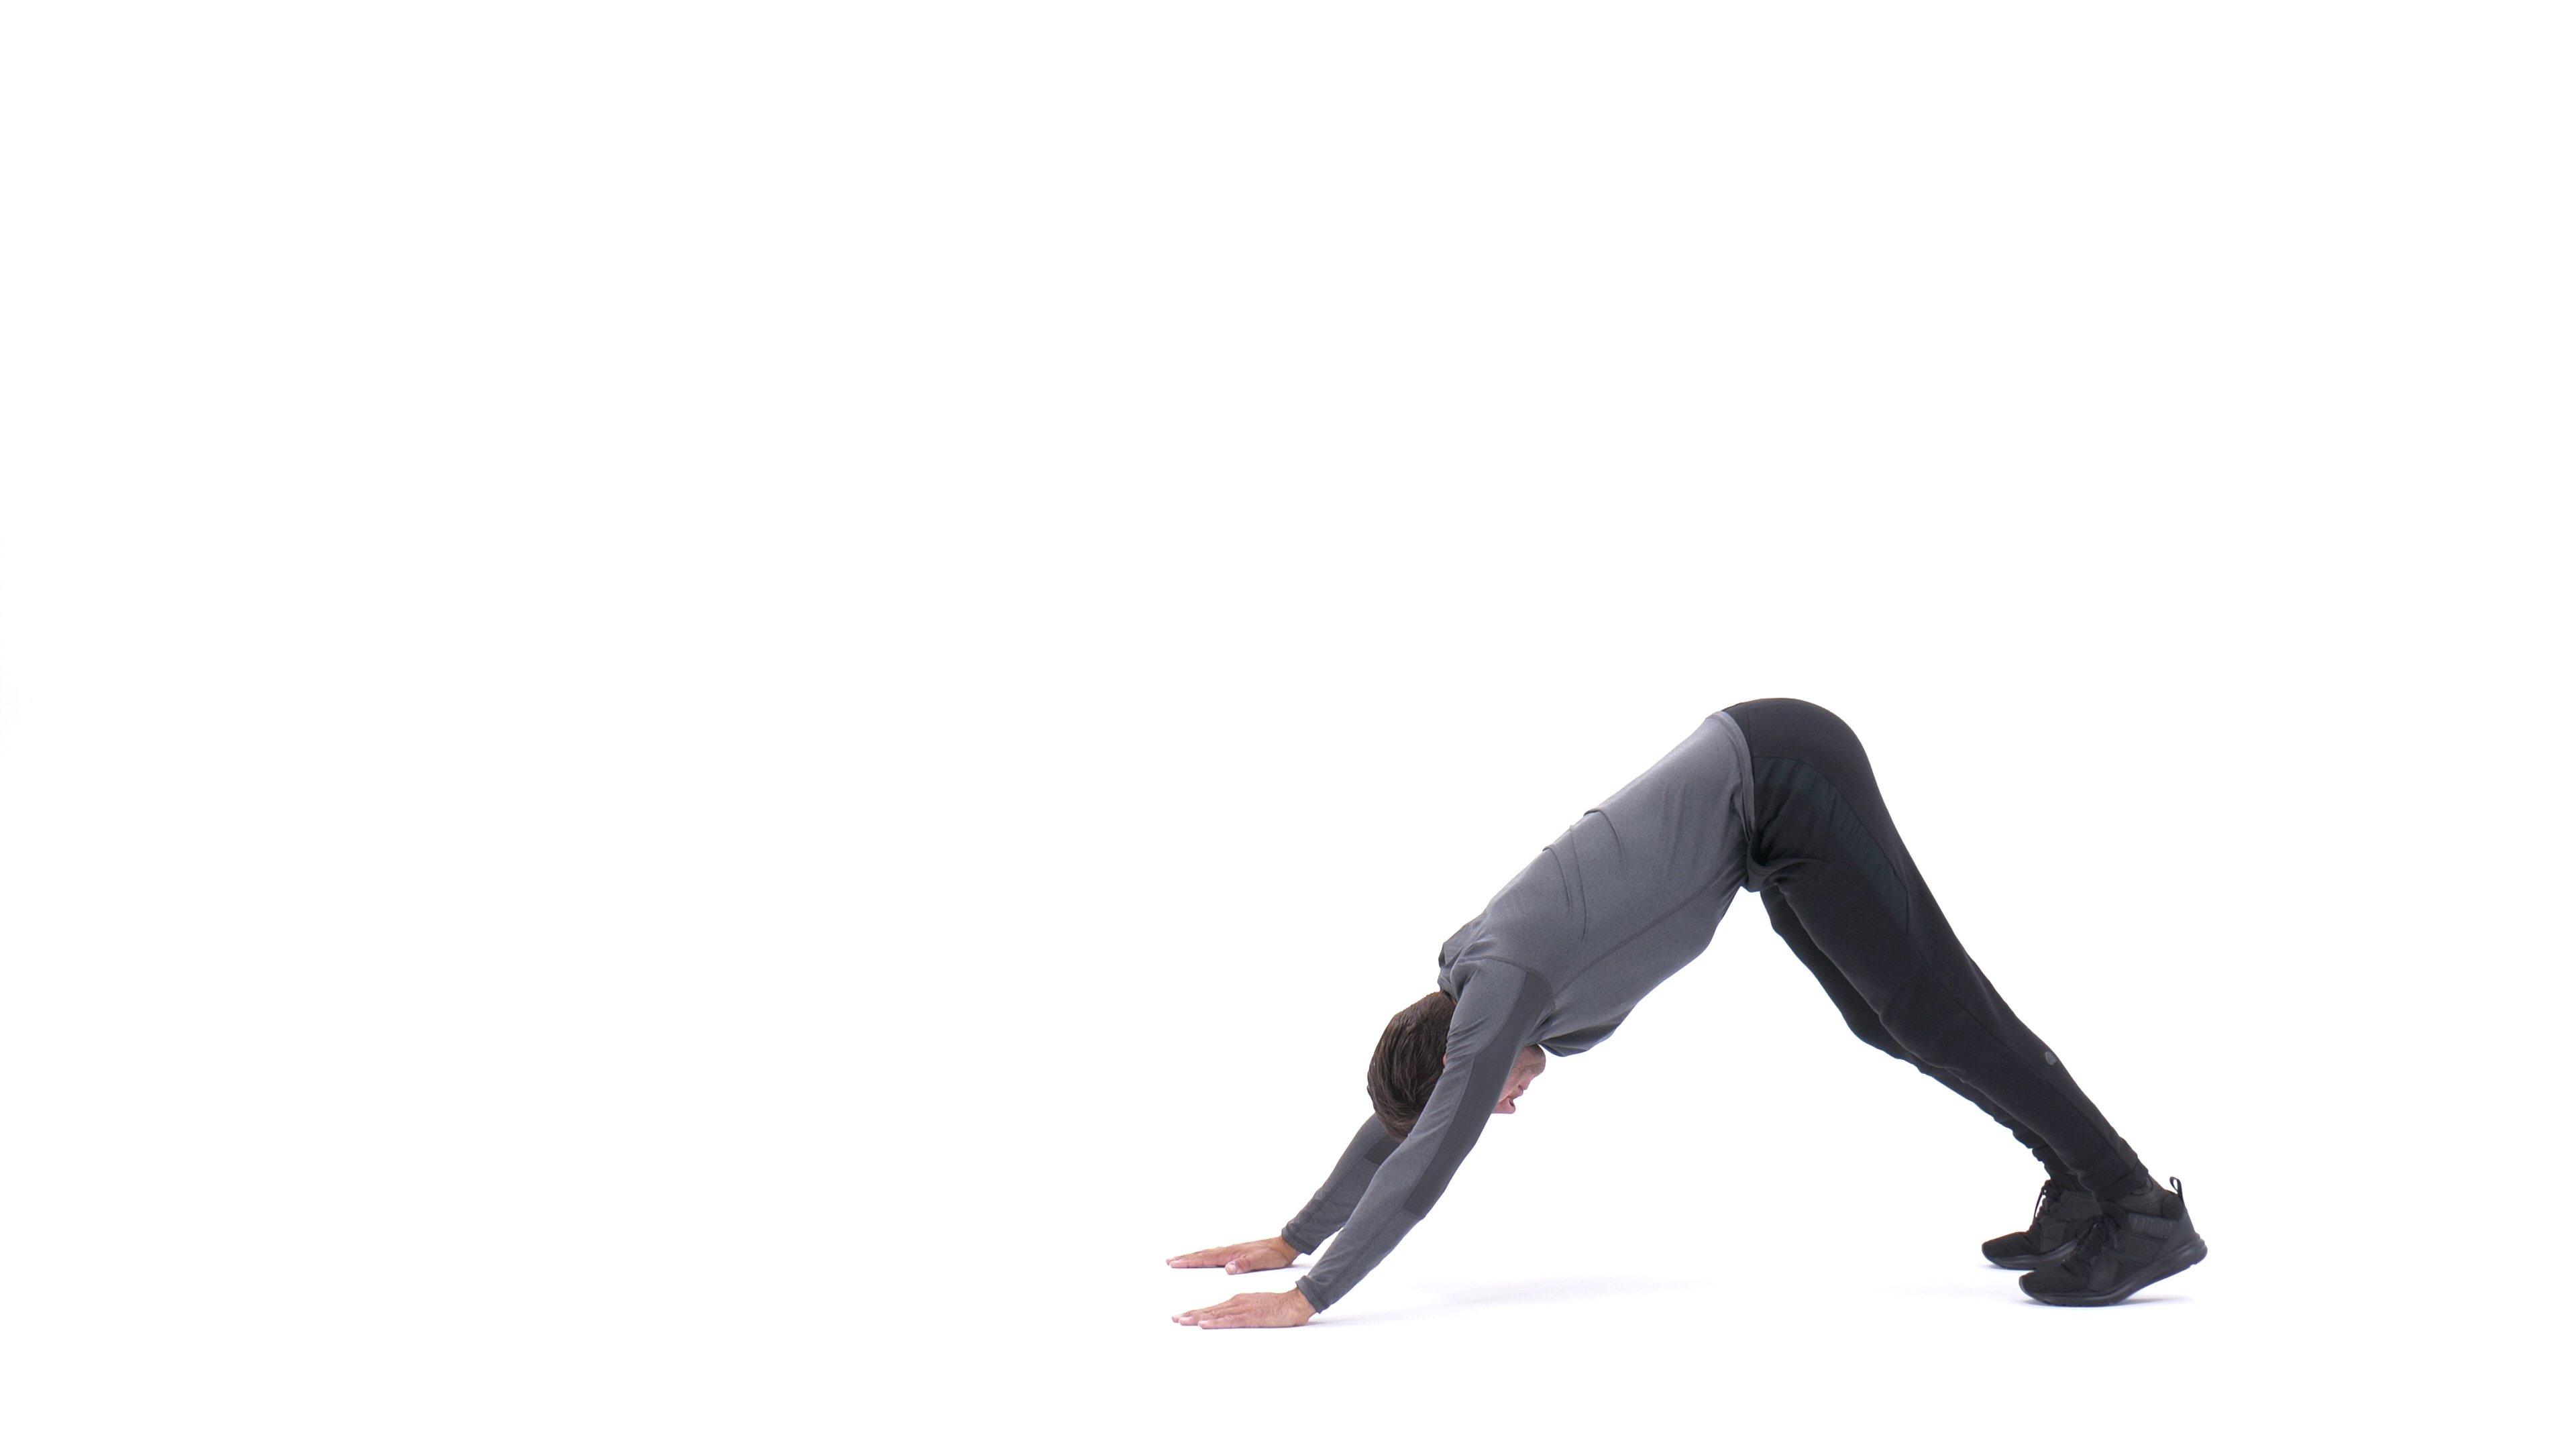 Judo push-up image